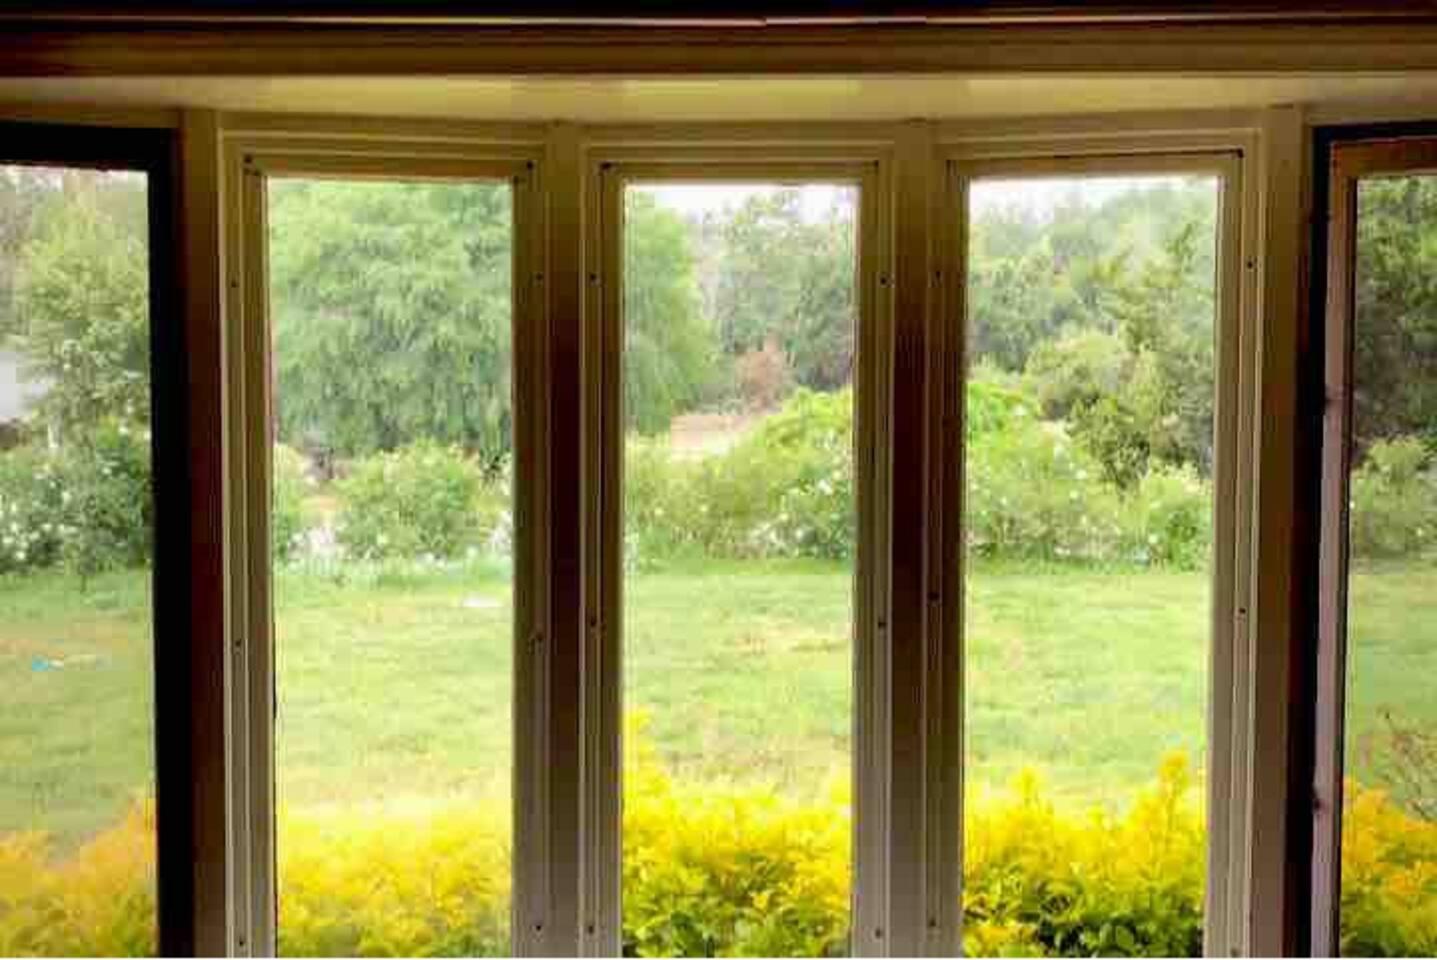 Garden view from baywindow